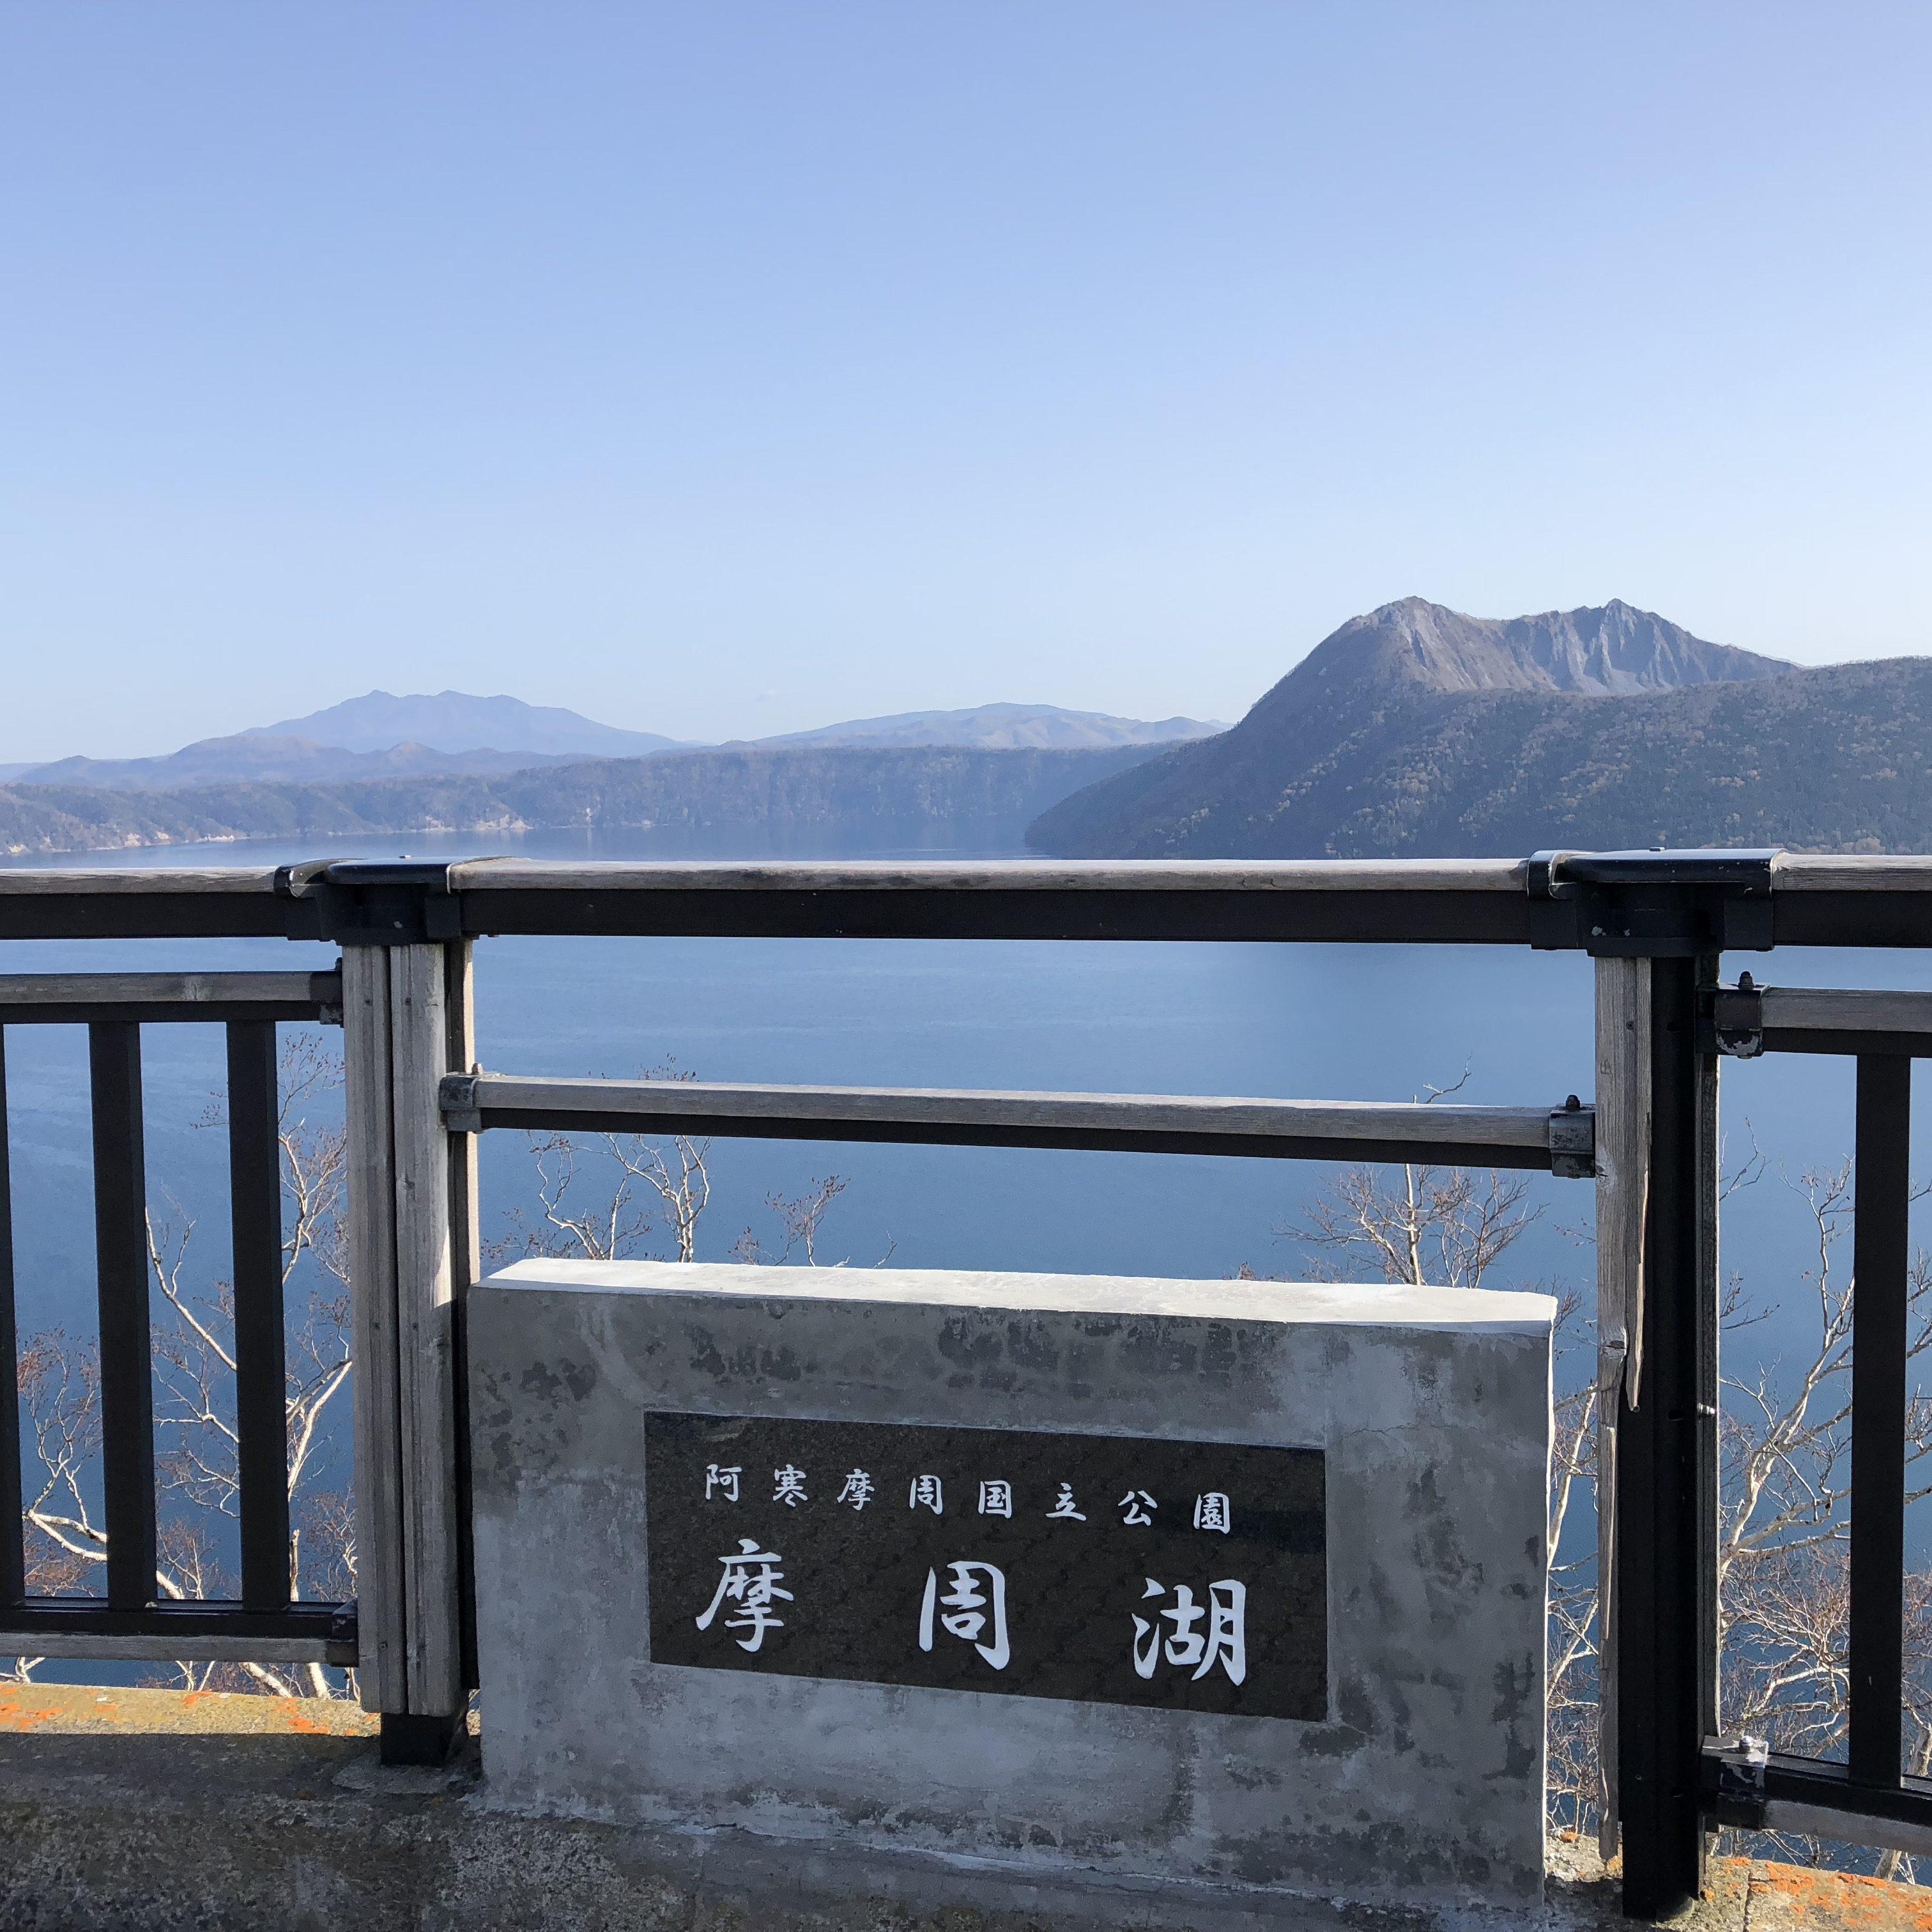 釧路・知床旅行記【2018年10月】10